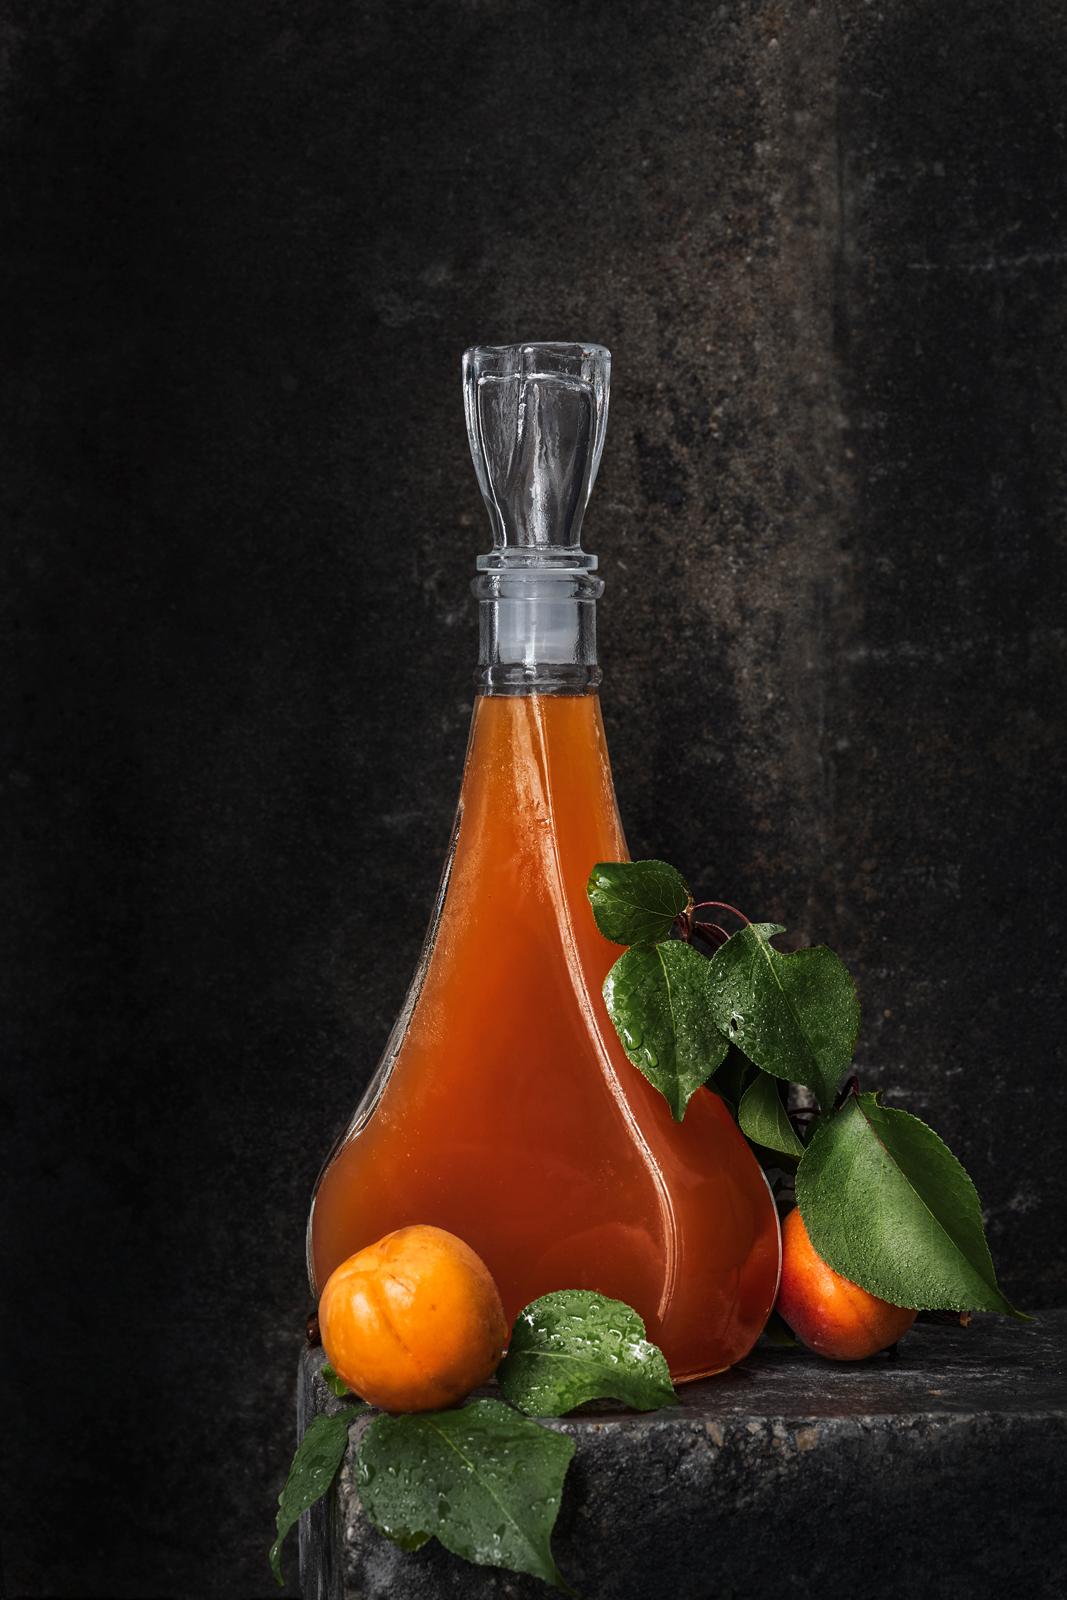 152_ROCHELT_STILLLIFE_ABRICOT_Bottle.jpg